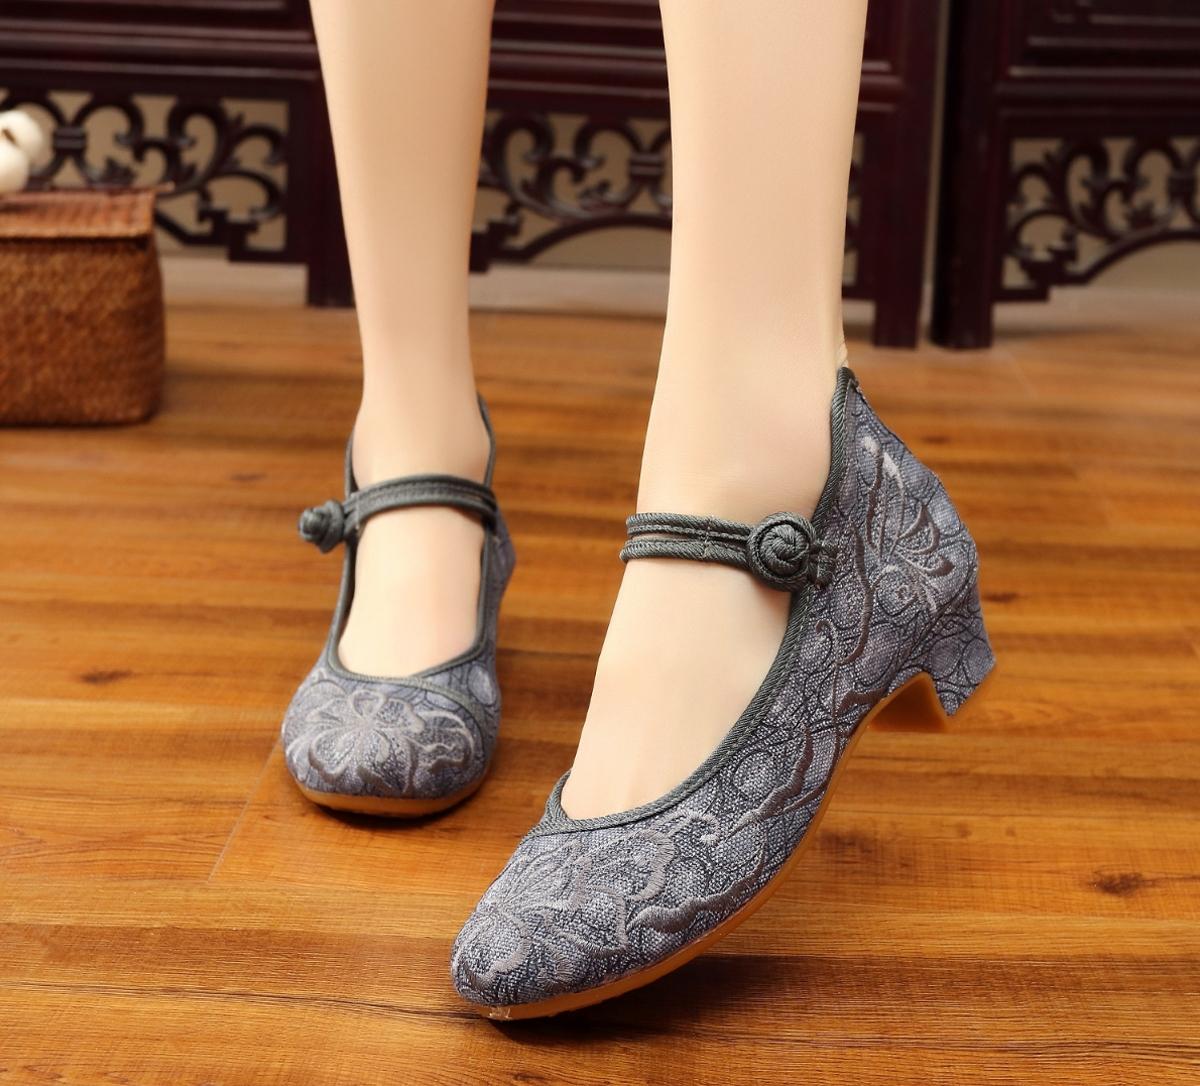 坡跟鞋 中国风改良女装配旗袍绣花鞋民族风女单鞋中跟广场舞蹈鞋坡跟布鞋_推荐淘宝好看的女坡跟鞋